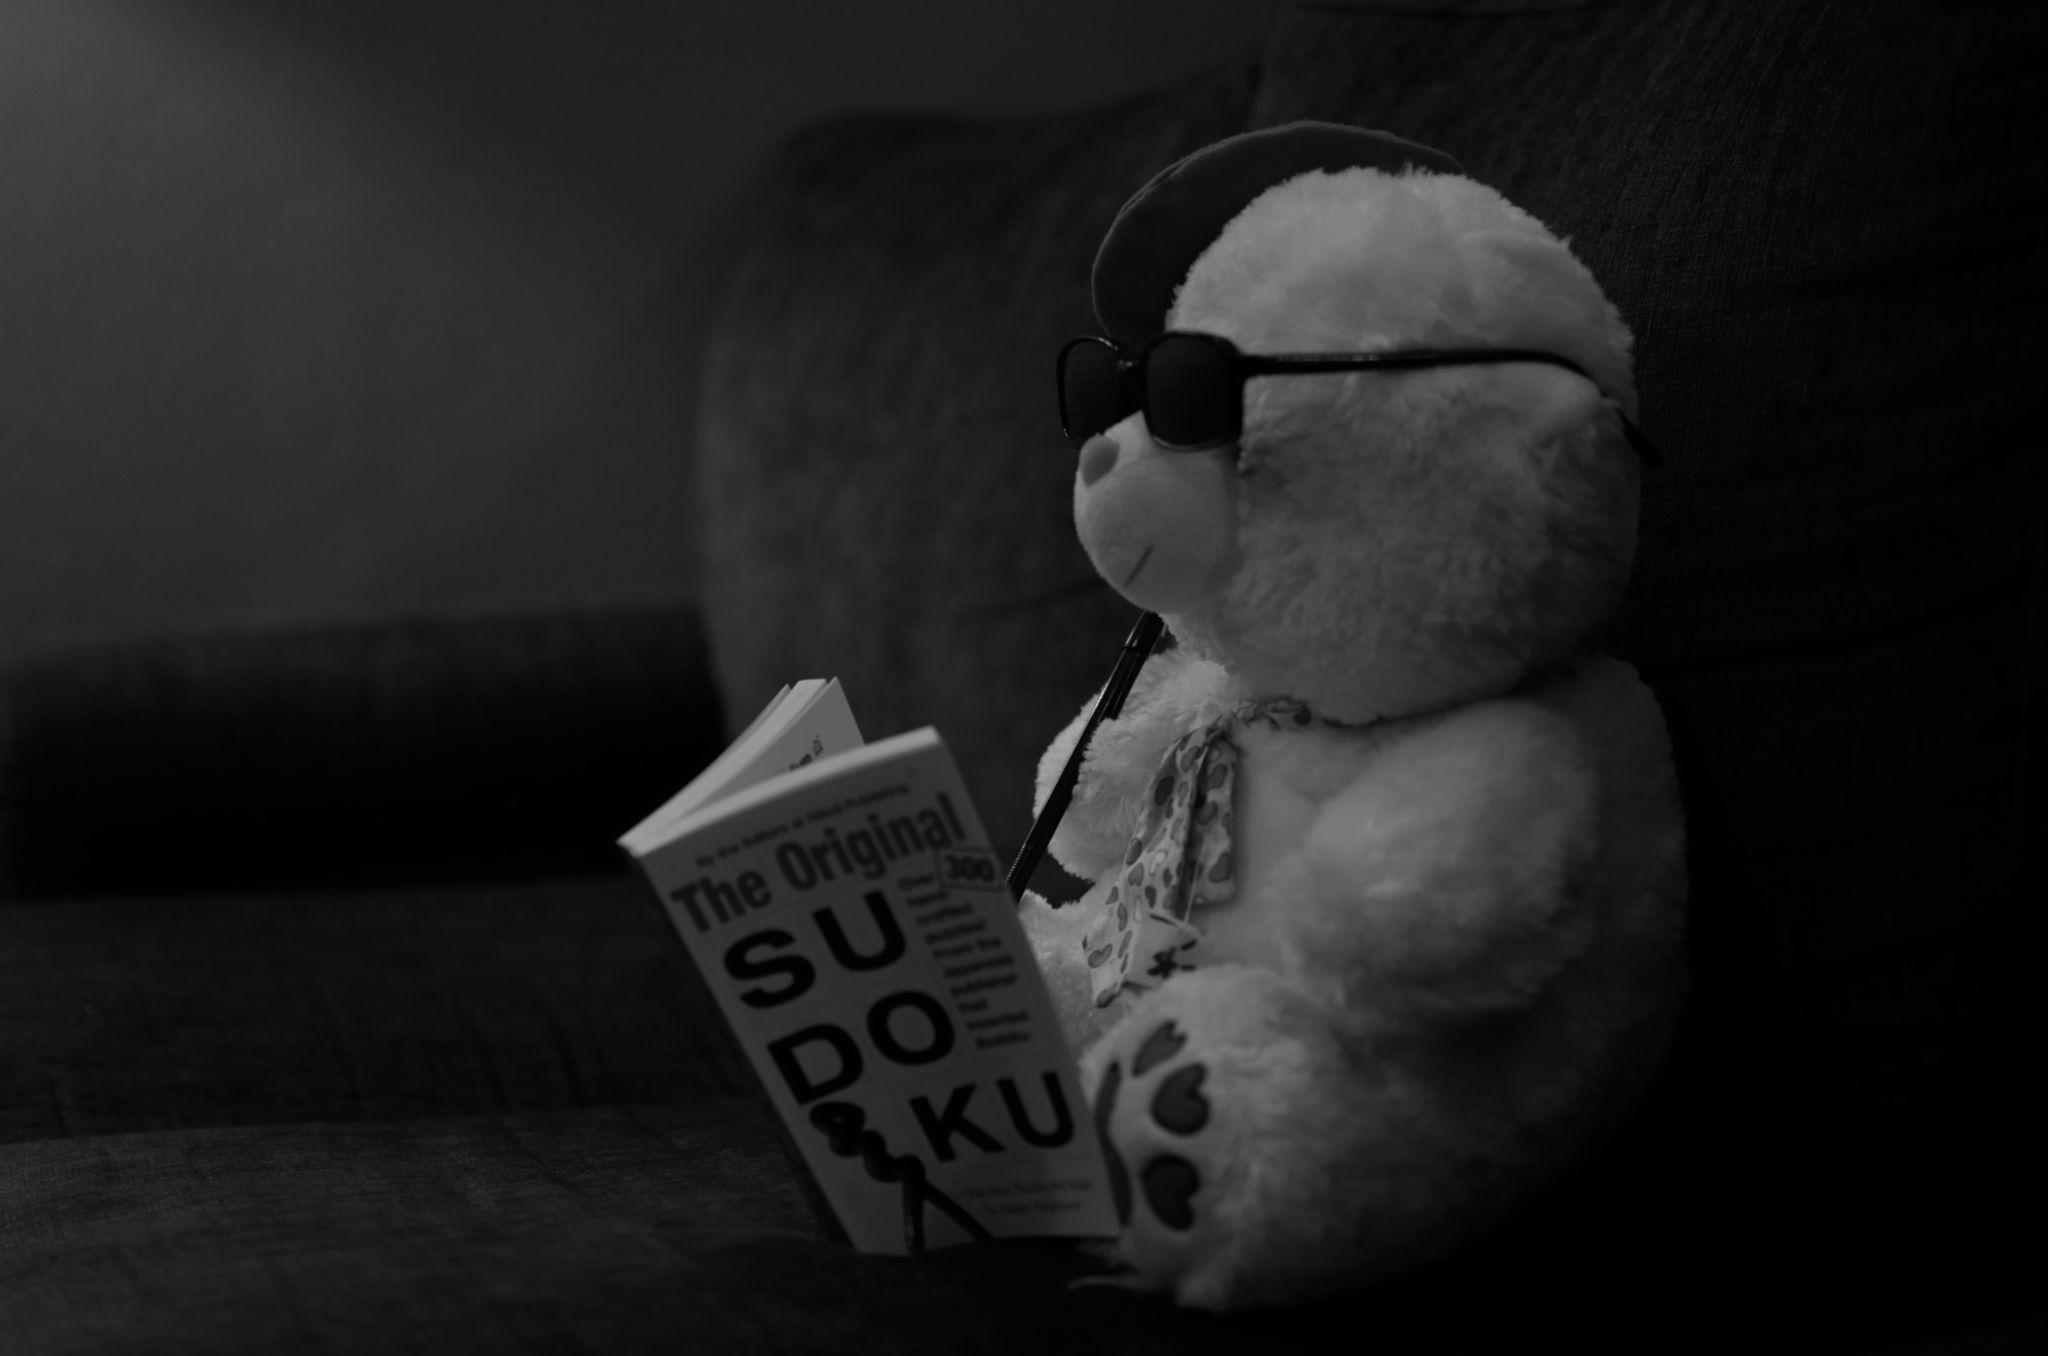 SuDoKu by Yulius B Susilo